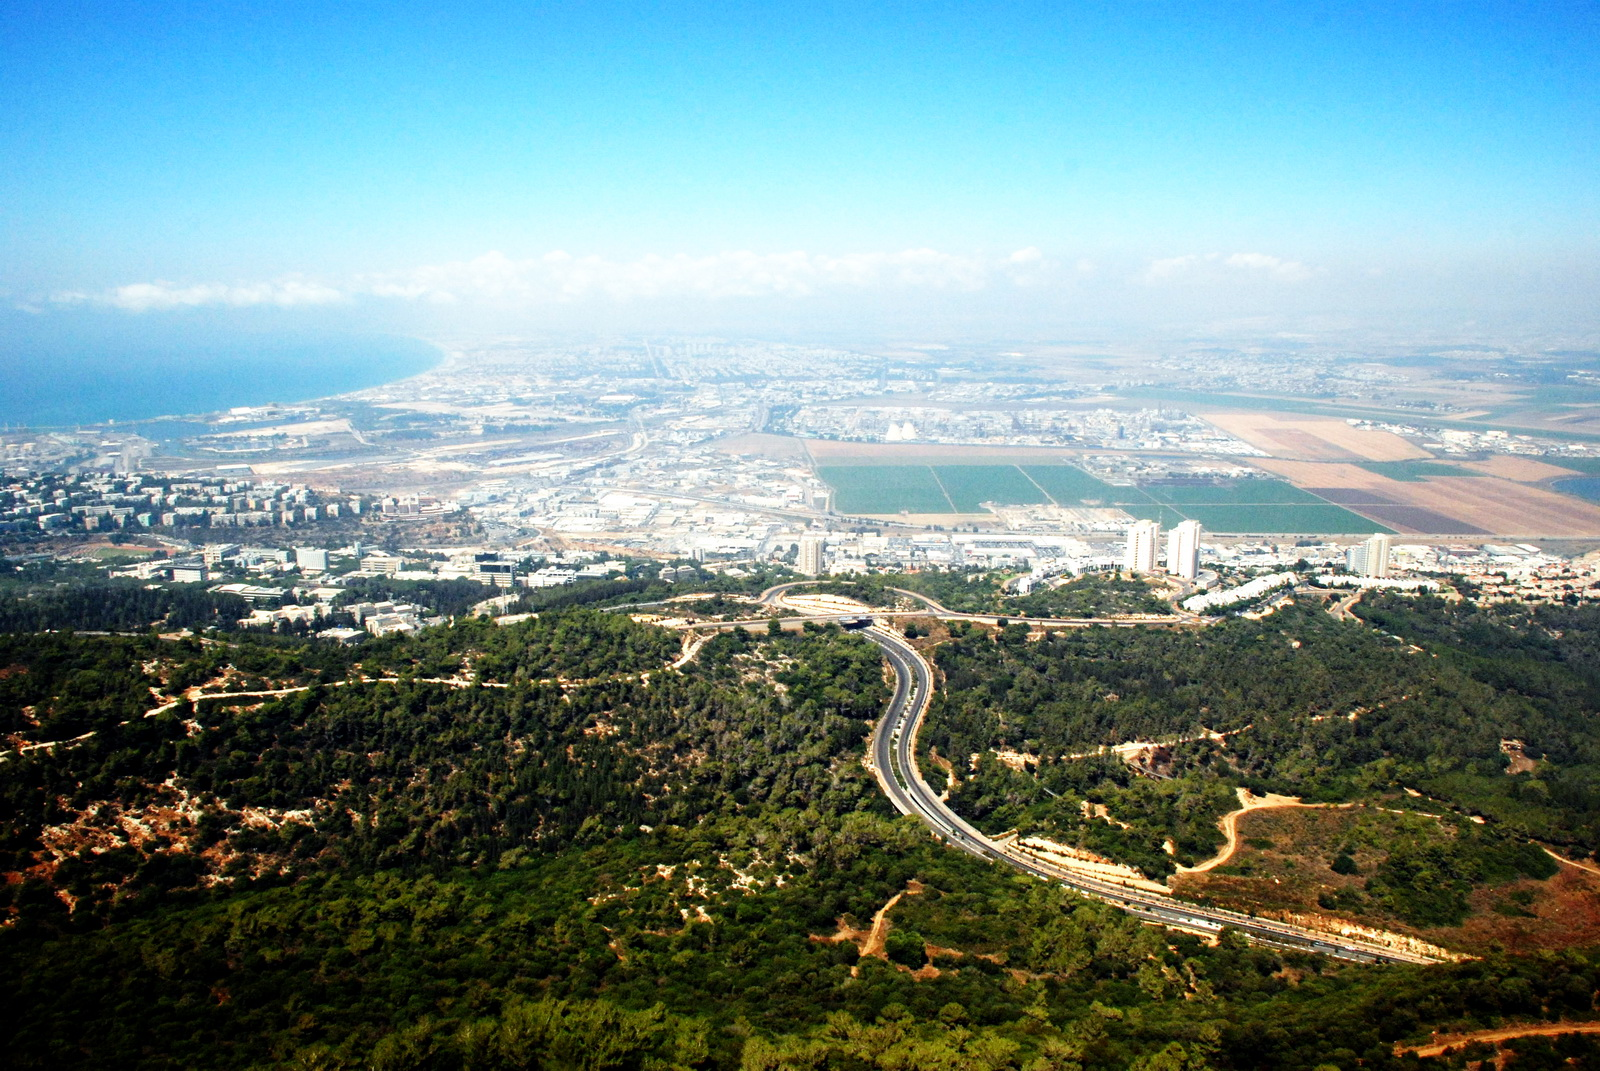 מפרץ חיפה ממרומי האוניברסיטה